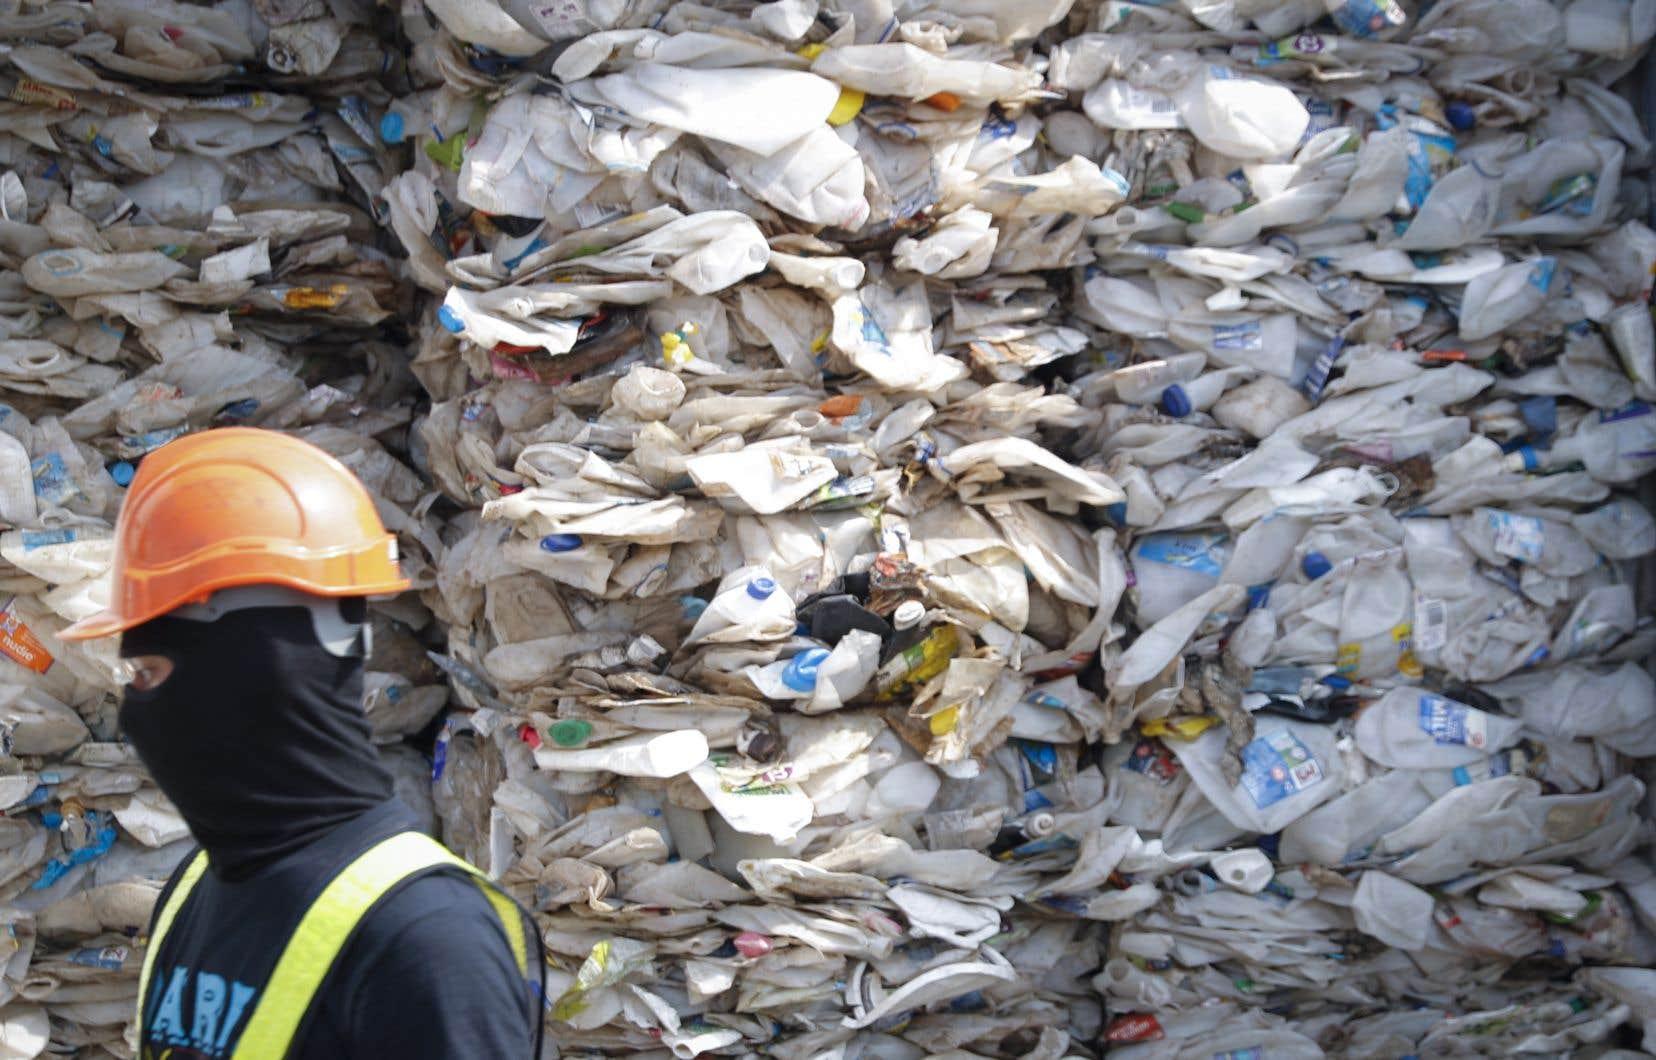 <p>Mardi encore, la Malaisie a indiqué qu'elle réexpédiait au Canada un conteneur rempli à ras bord de déchets canadiens qui, comme les conteneurs philippins, était destiné au recyclage, mais était trop contaminé par des produits non recyclables pour être utilisable.</p>